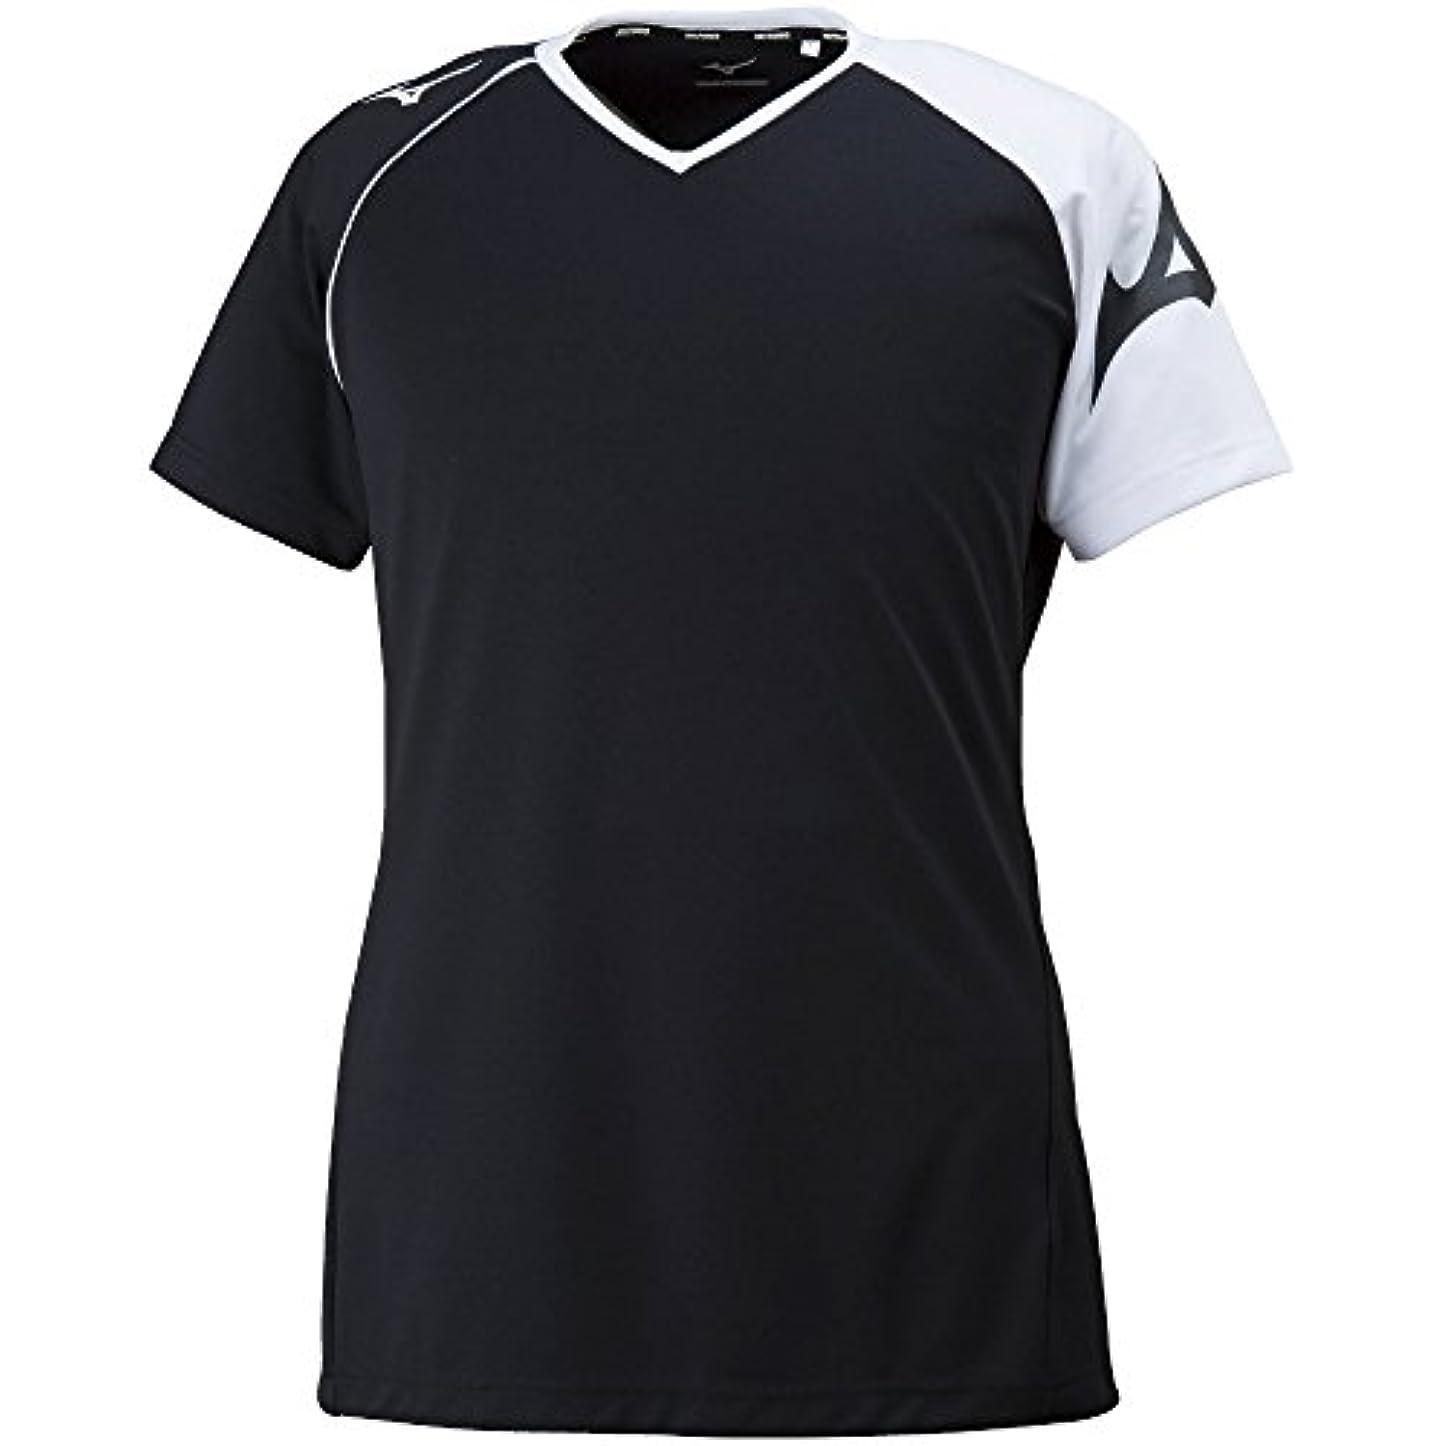 方程式もろい失礼な[ミズノ] バレーボールウェア プラクティスシャツ 半袖 吸汗速乾 ドライ 部活 練習 消臭 男女兼用 V2MA8082